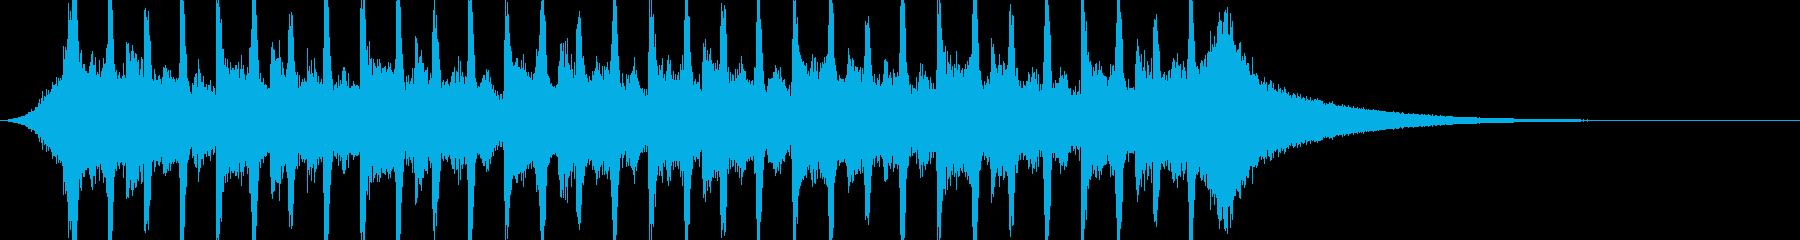 企業VP系38、爽やかギター4つ打ちcの再生済みの波形